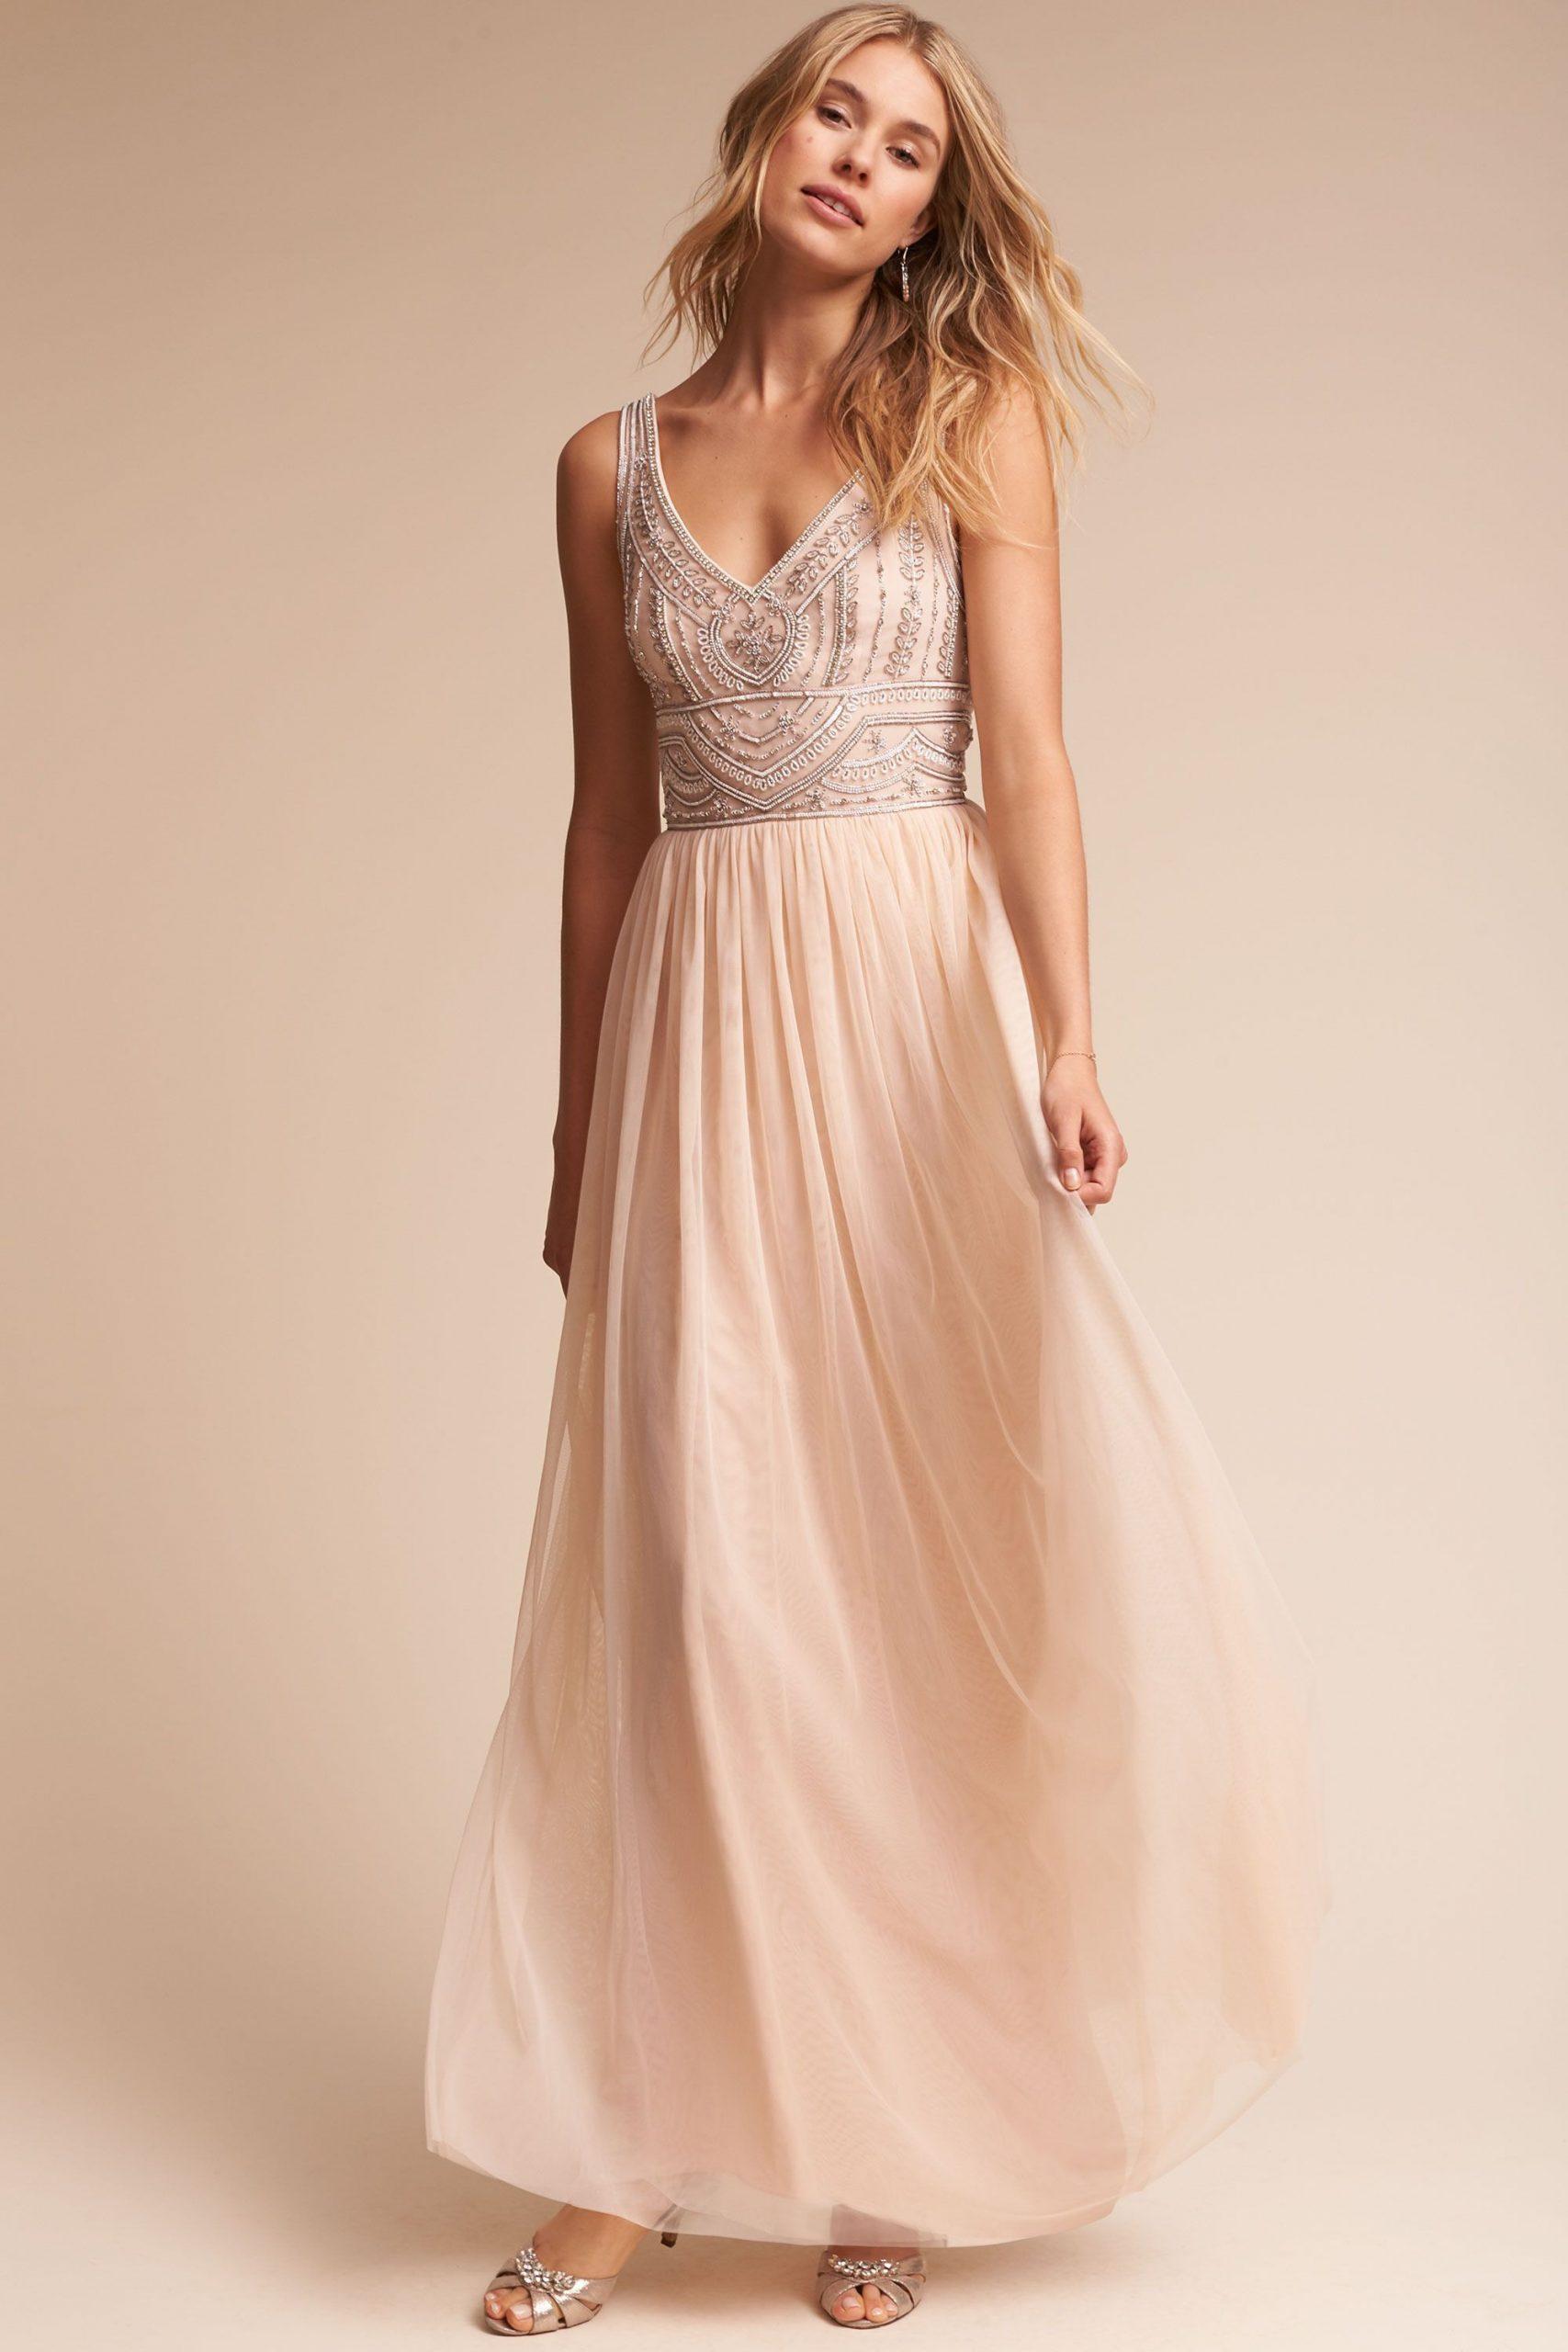 Die Perfekten Kleider Für Hochzeitsgäste  Hochzeitsgast - Abendkleid